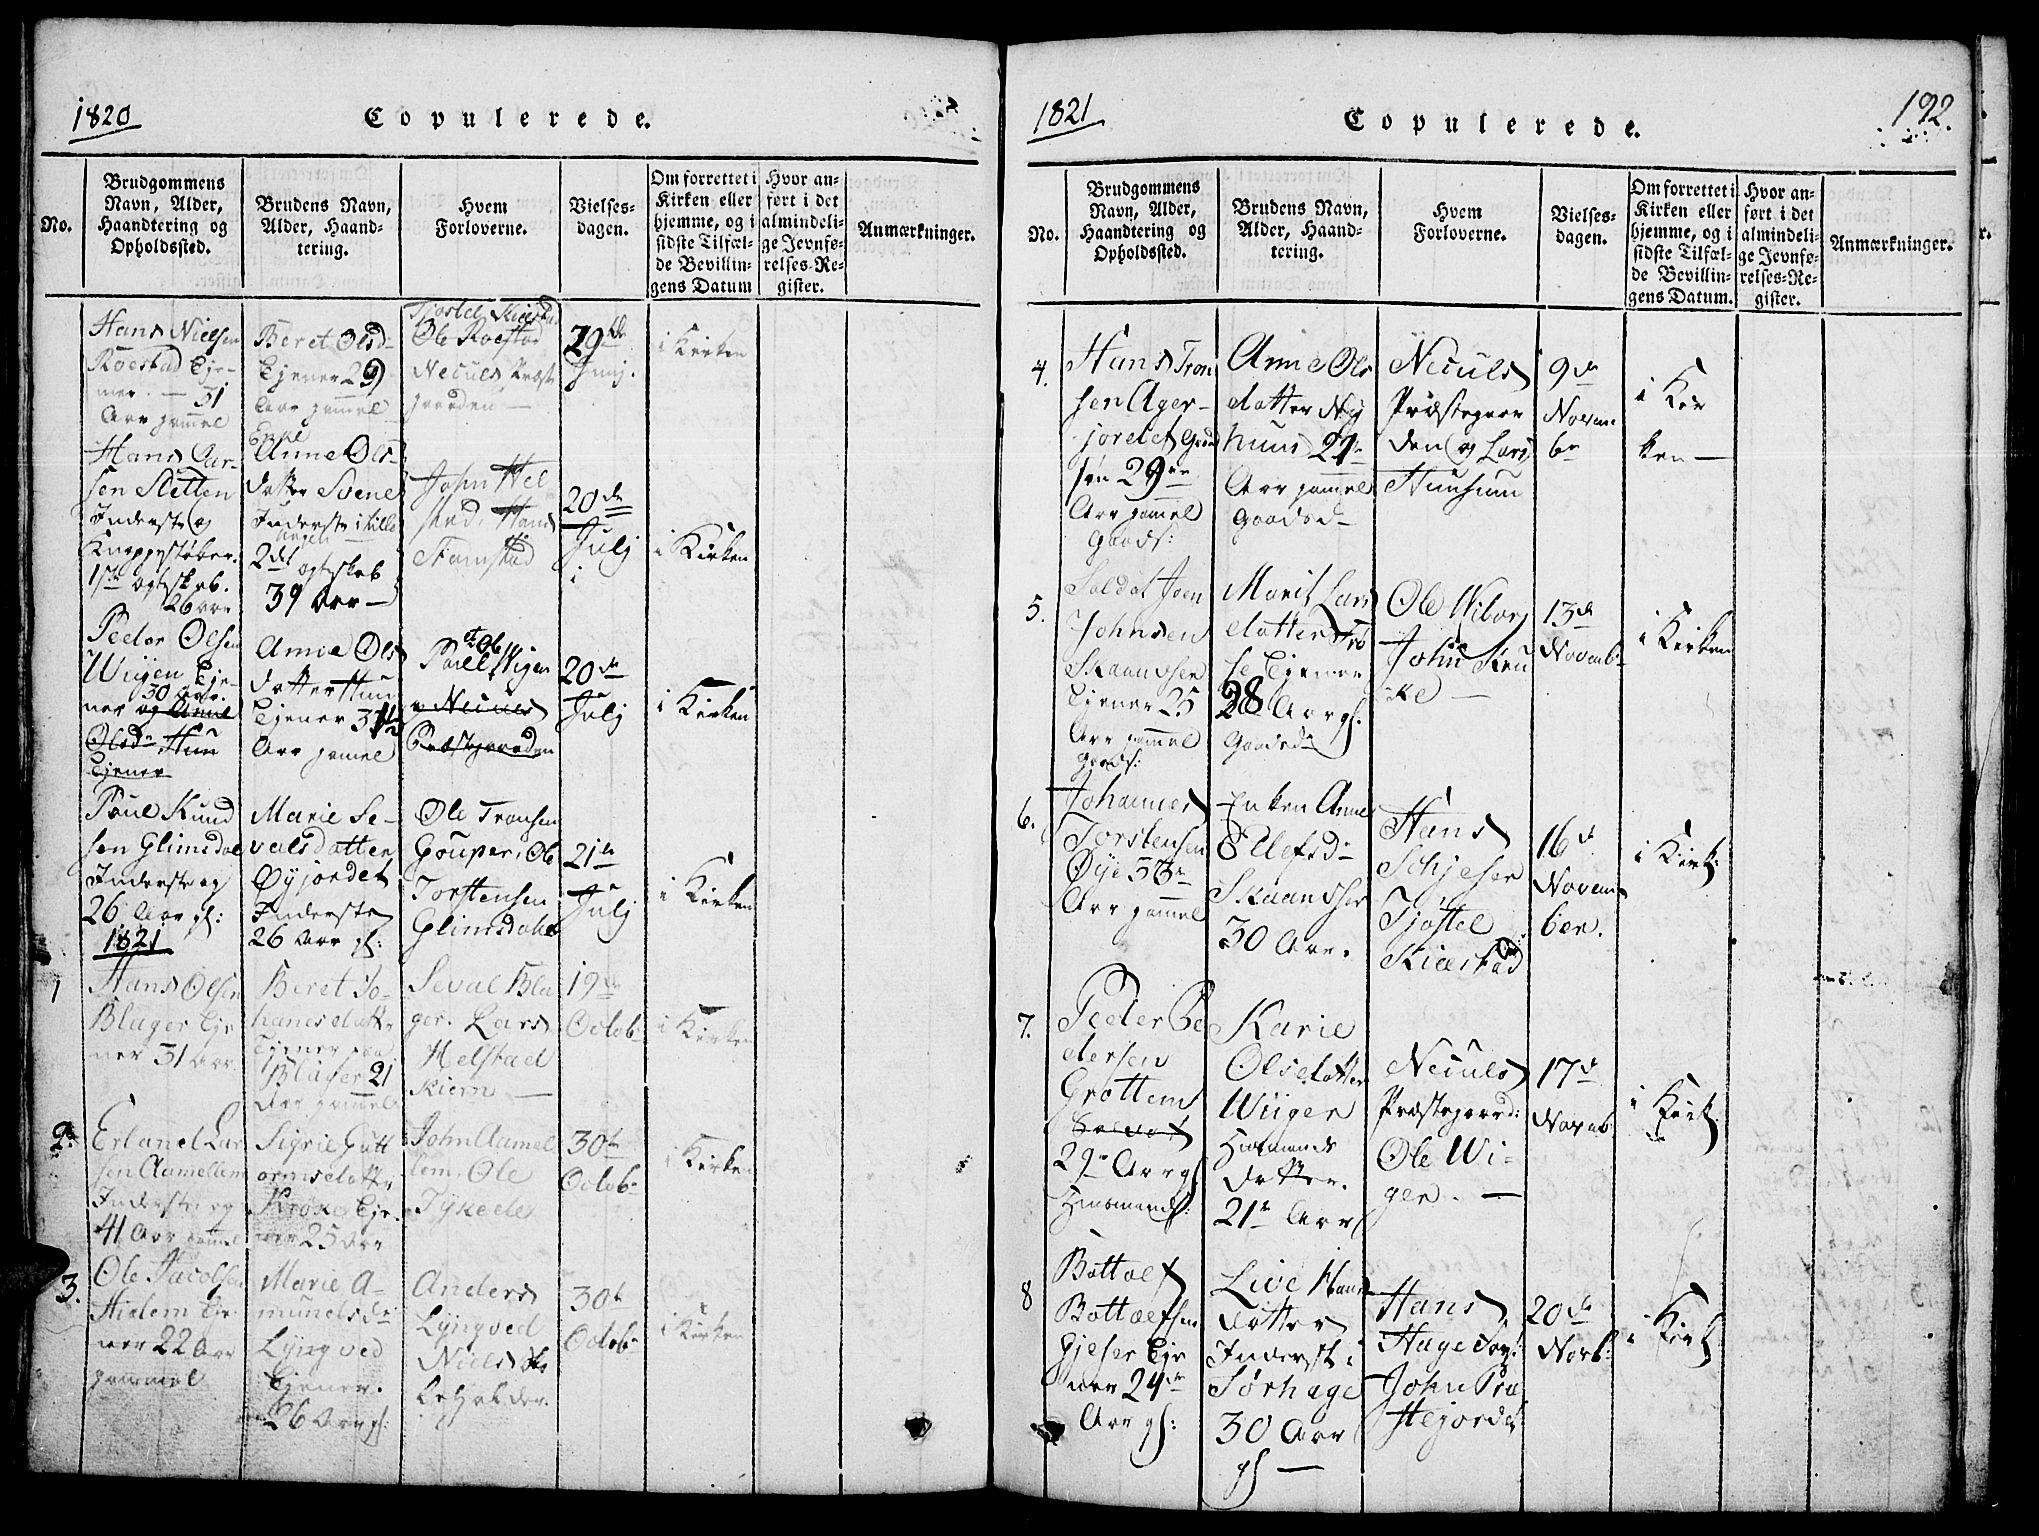 SAH, Lom prestekontor, L/L0001: Klokkerbok nr. 1, 1815-1836, s. 192